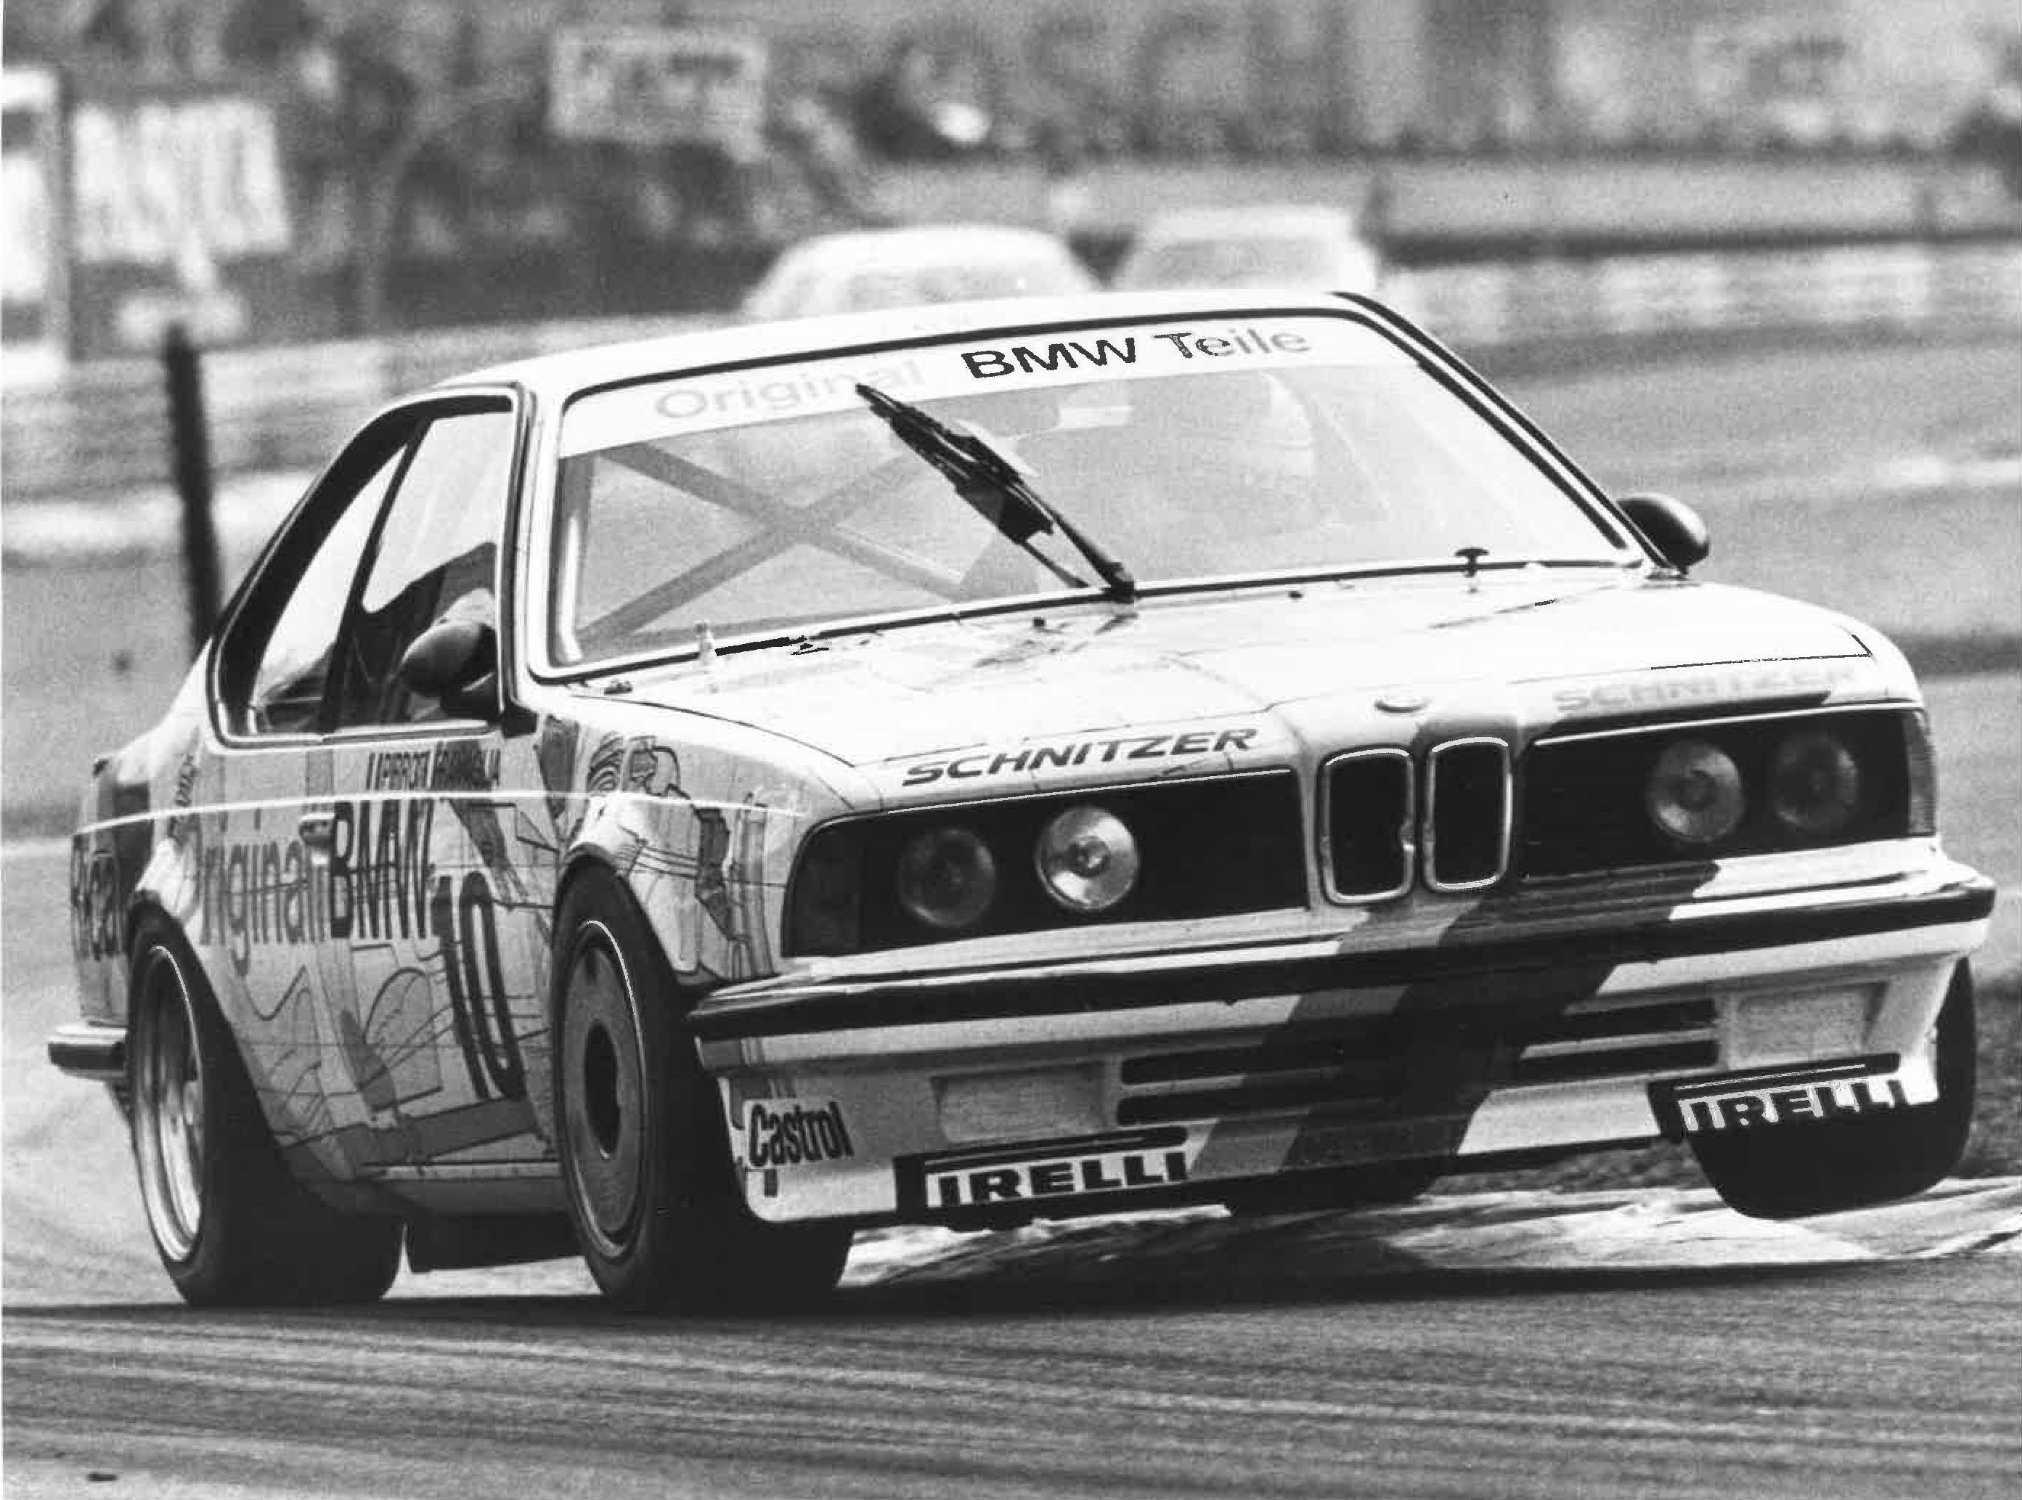 1985 BMW 635 CSi (Monza) (06/2020)